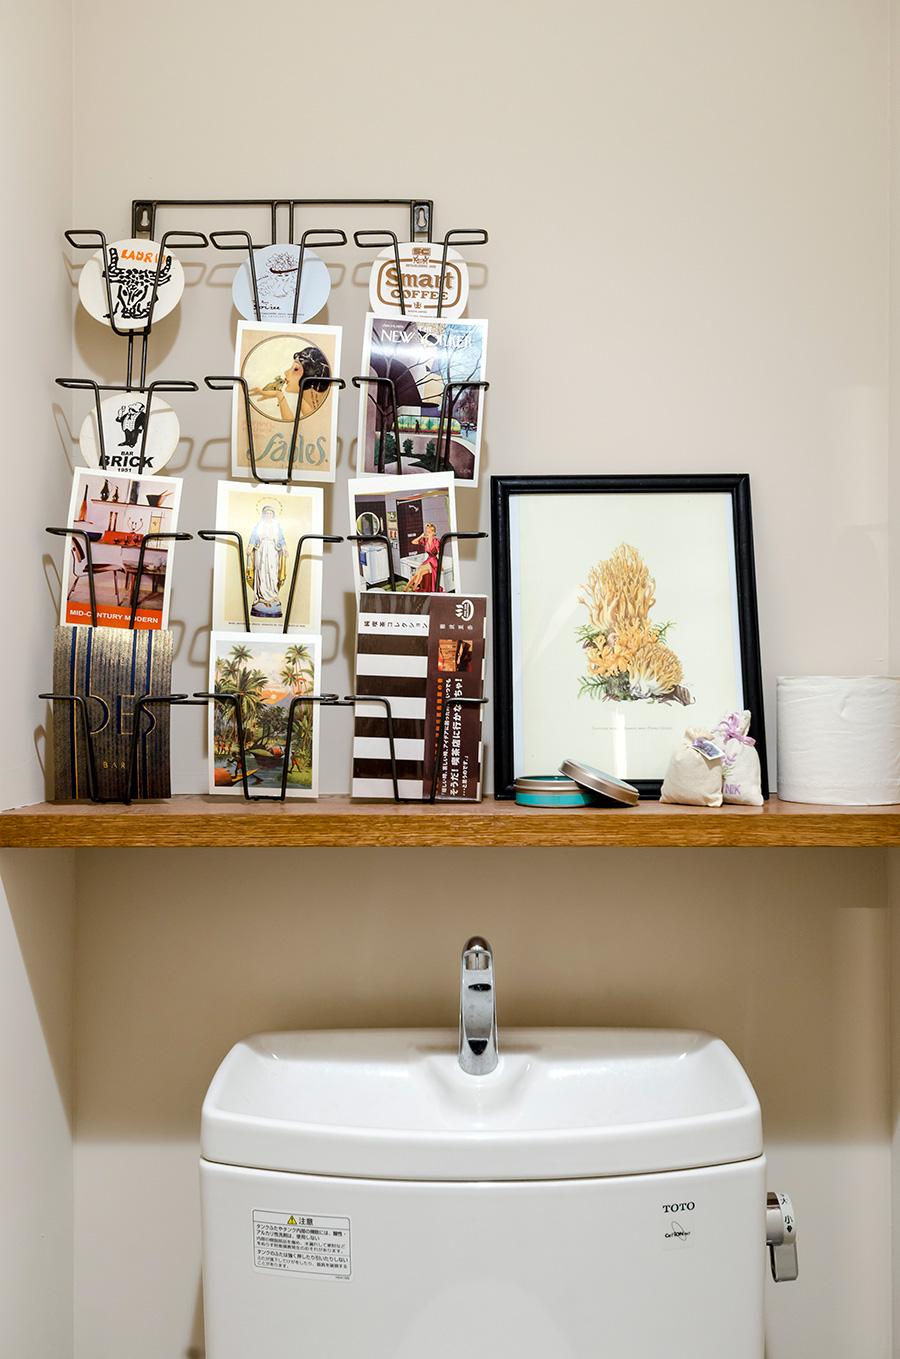 トイレとお風呂は既存のものをそのまま利用。